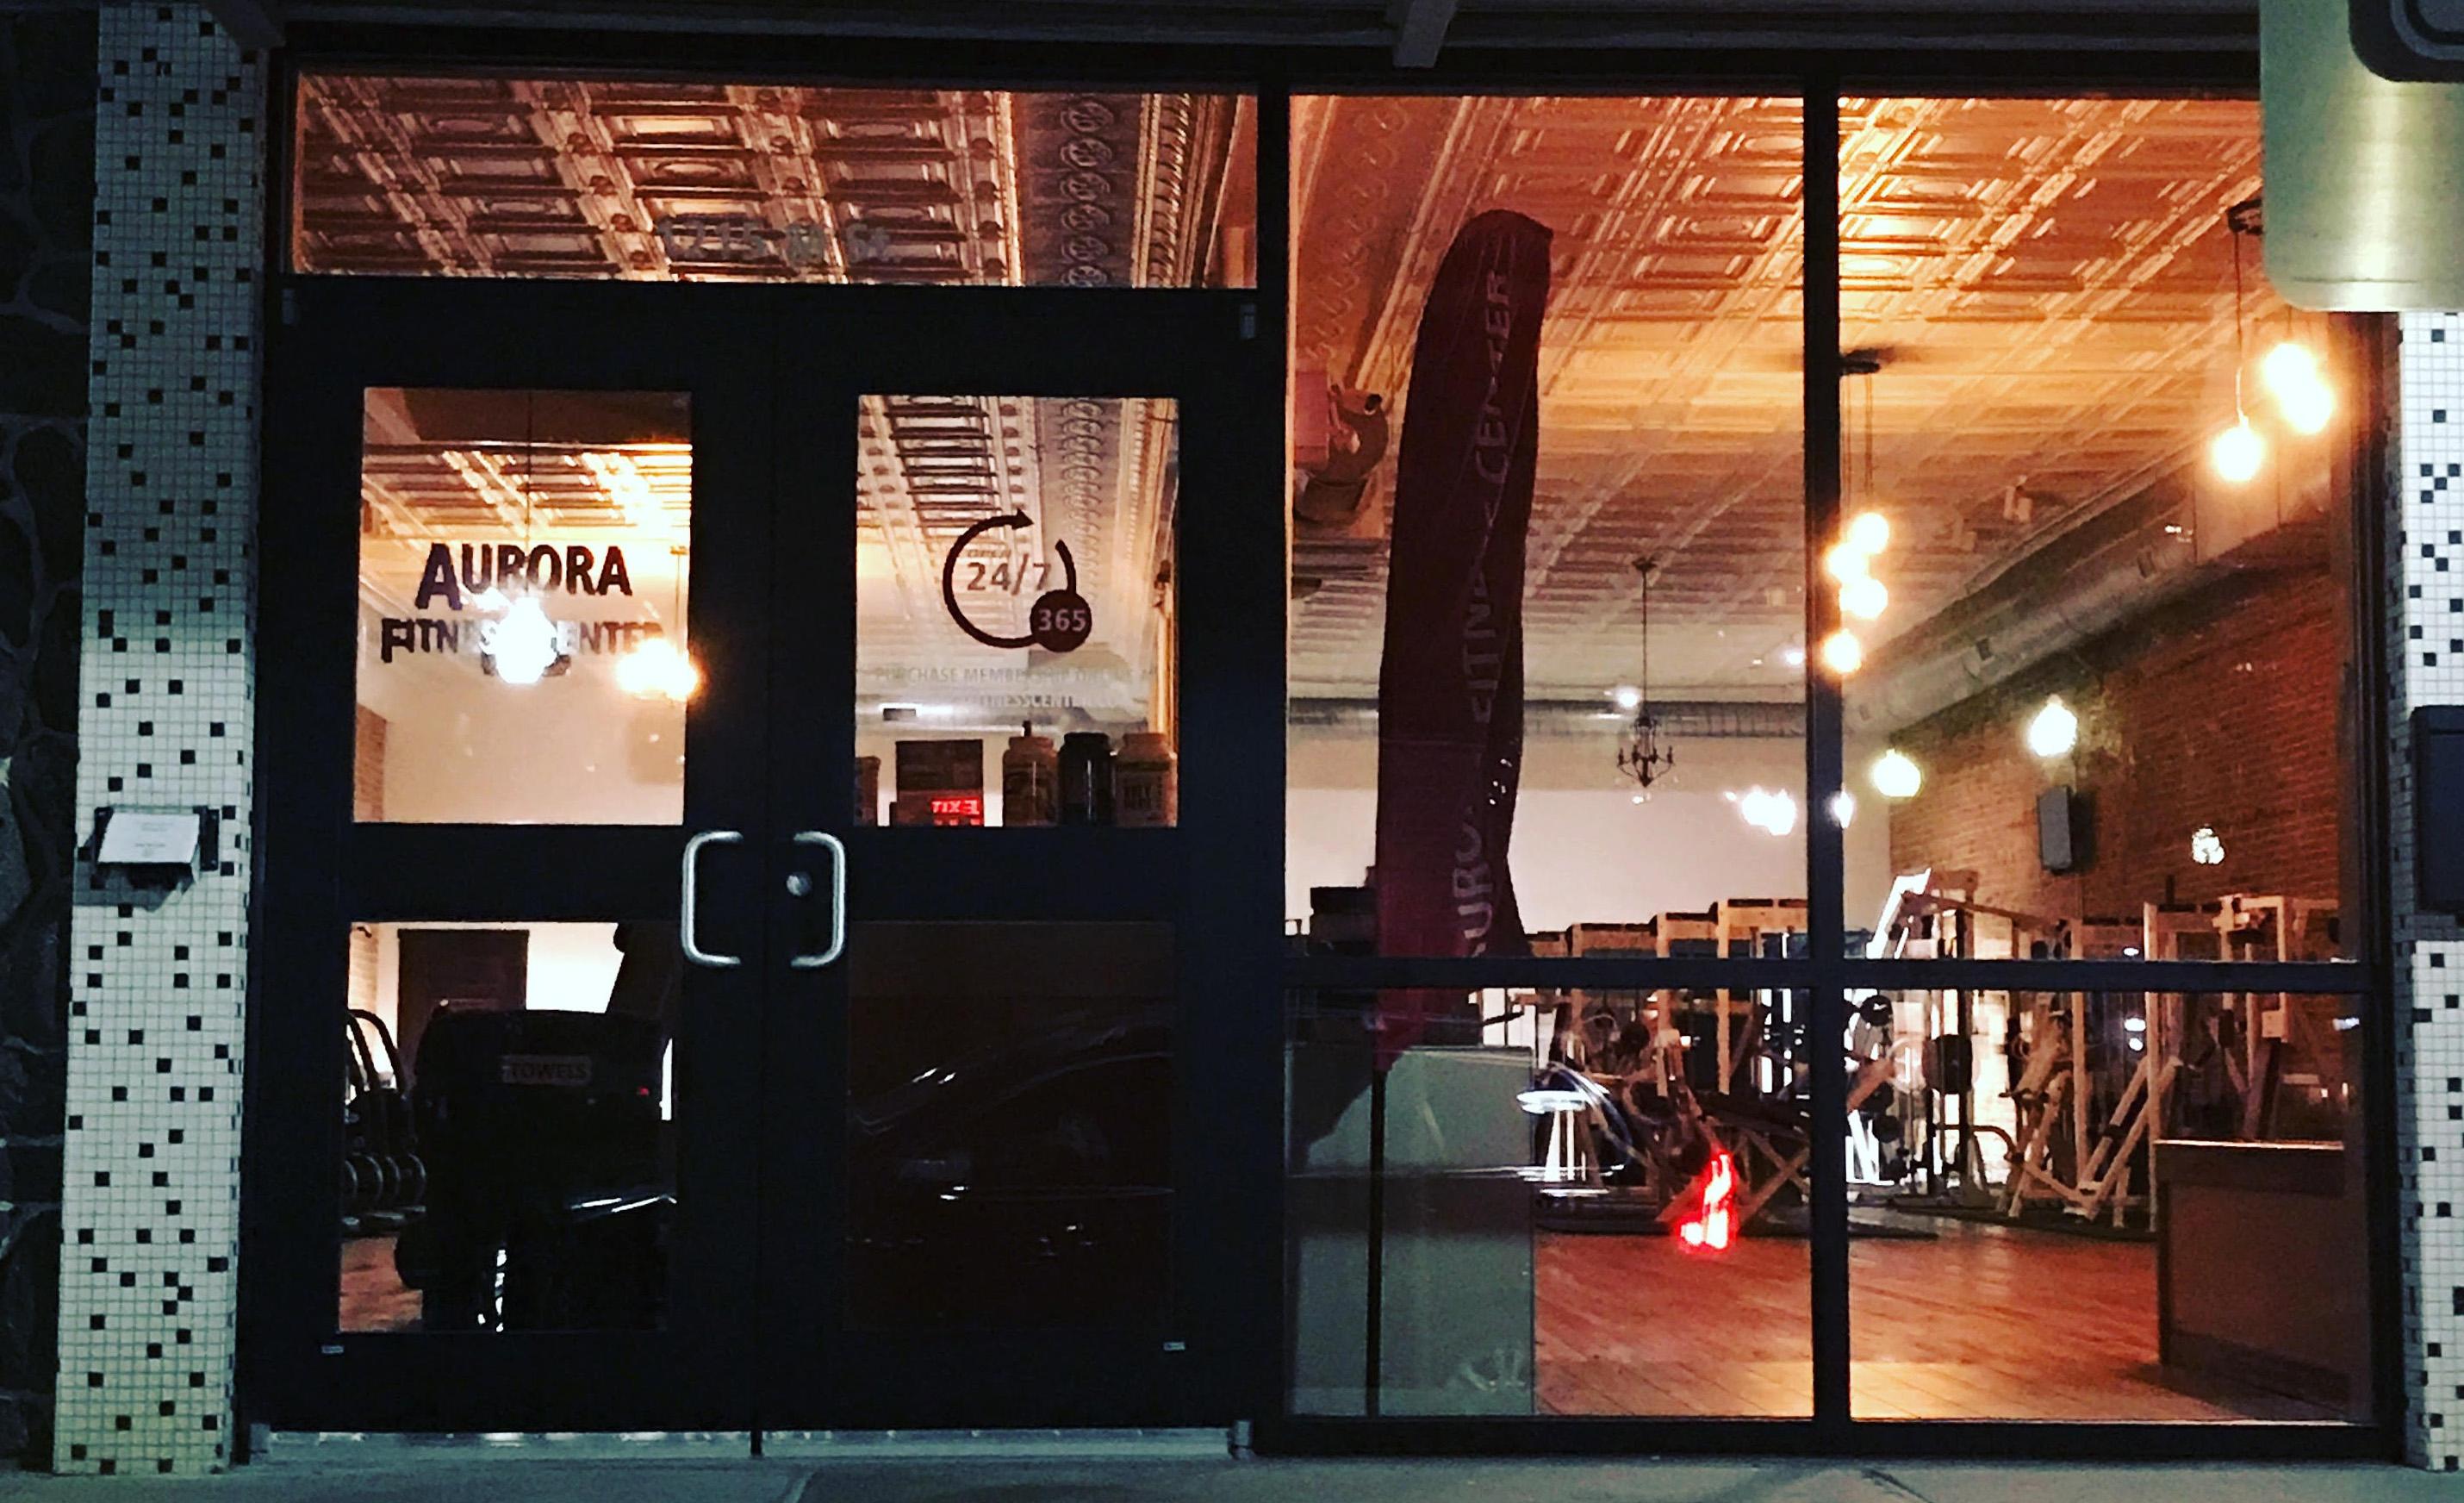 24/7 gym in Aurora NE